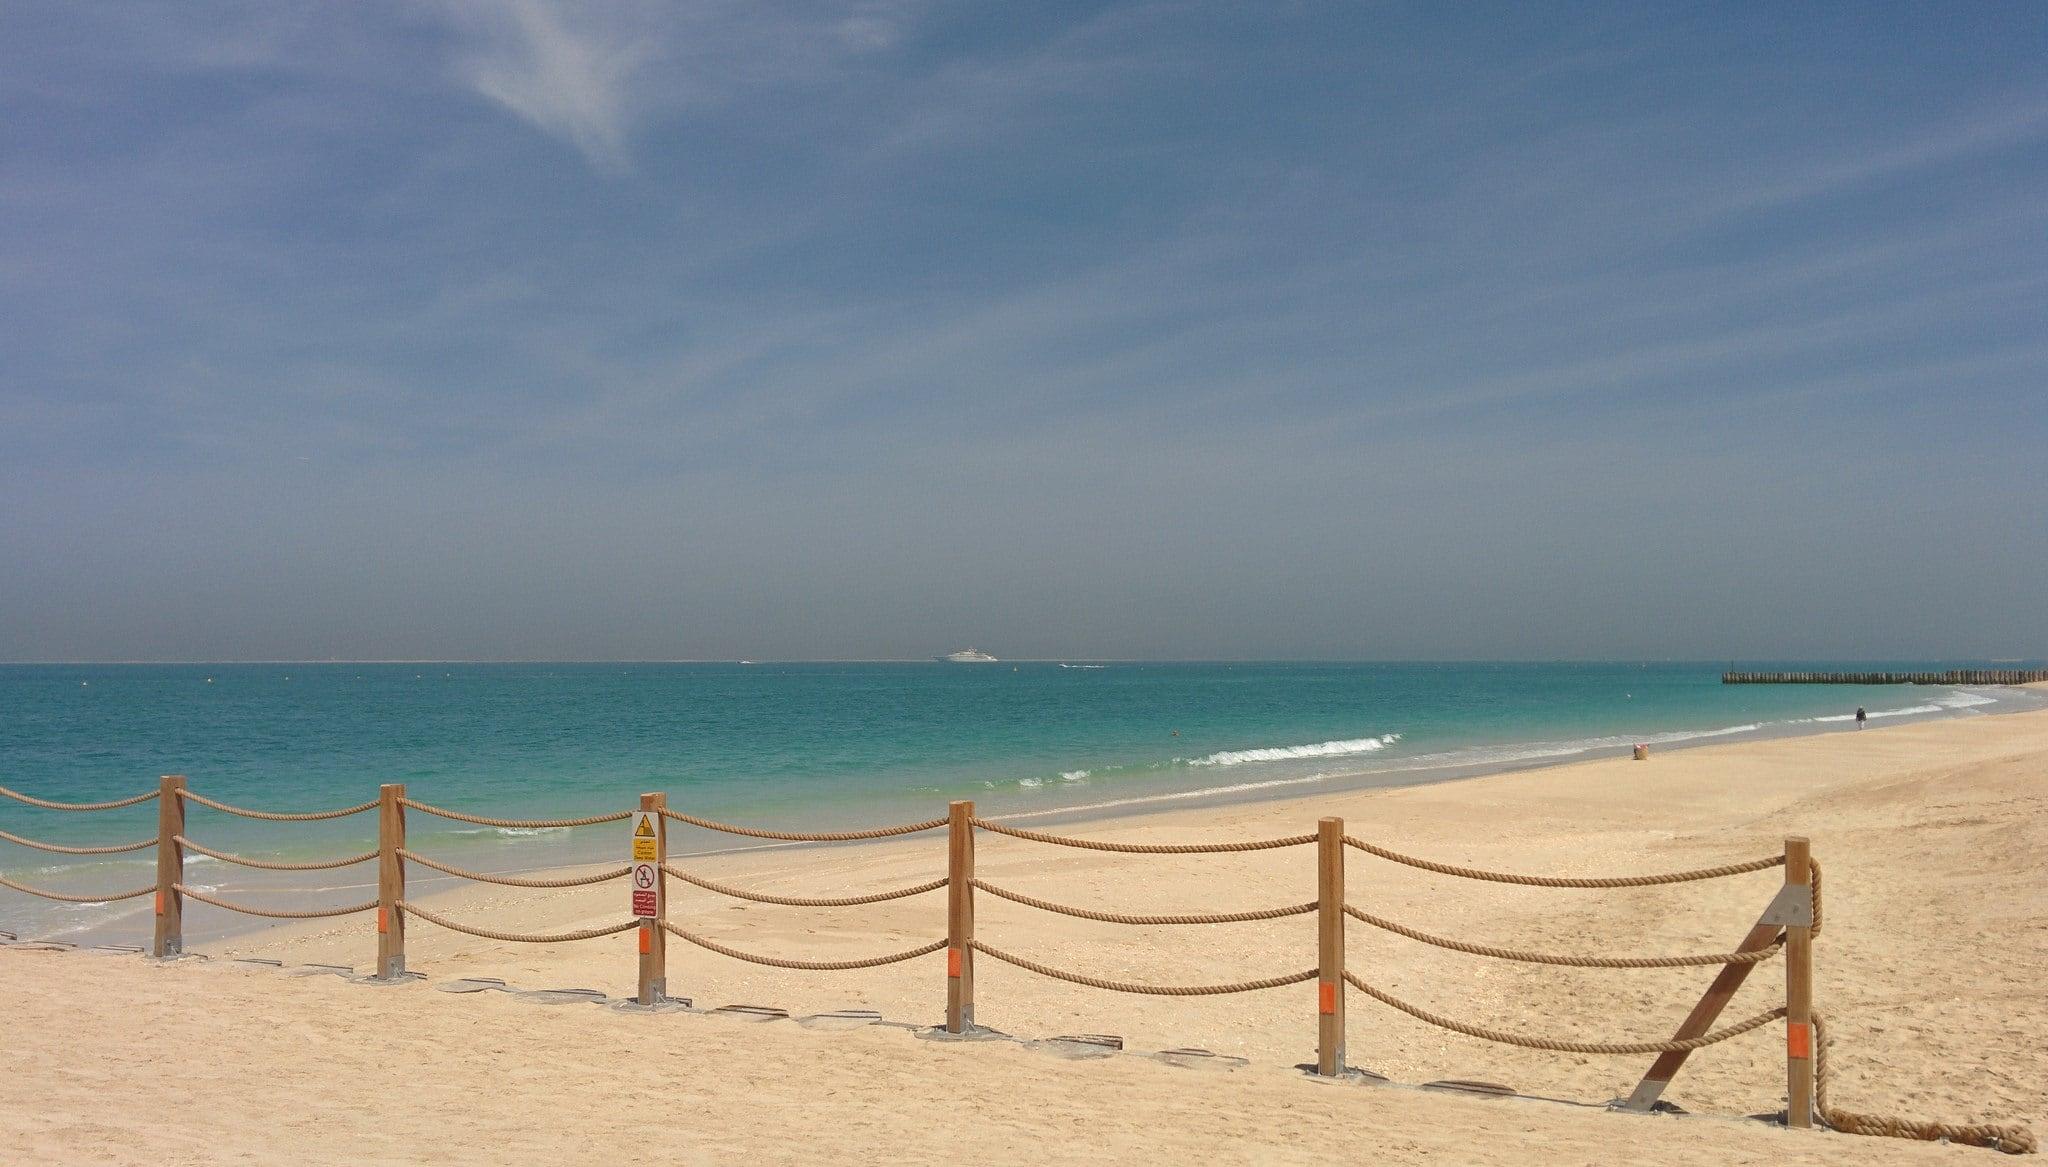 תמונה של Kite Surf Beach חוף באורך של מטר 2602.